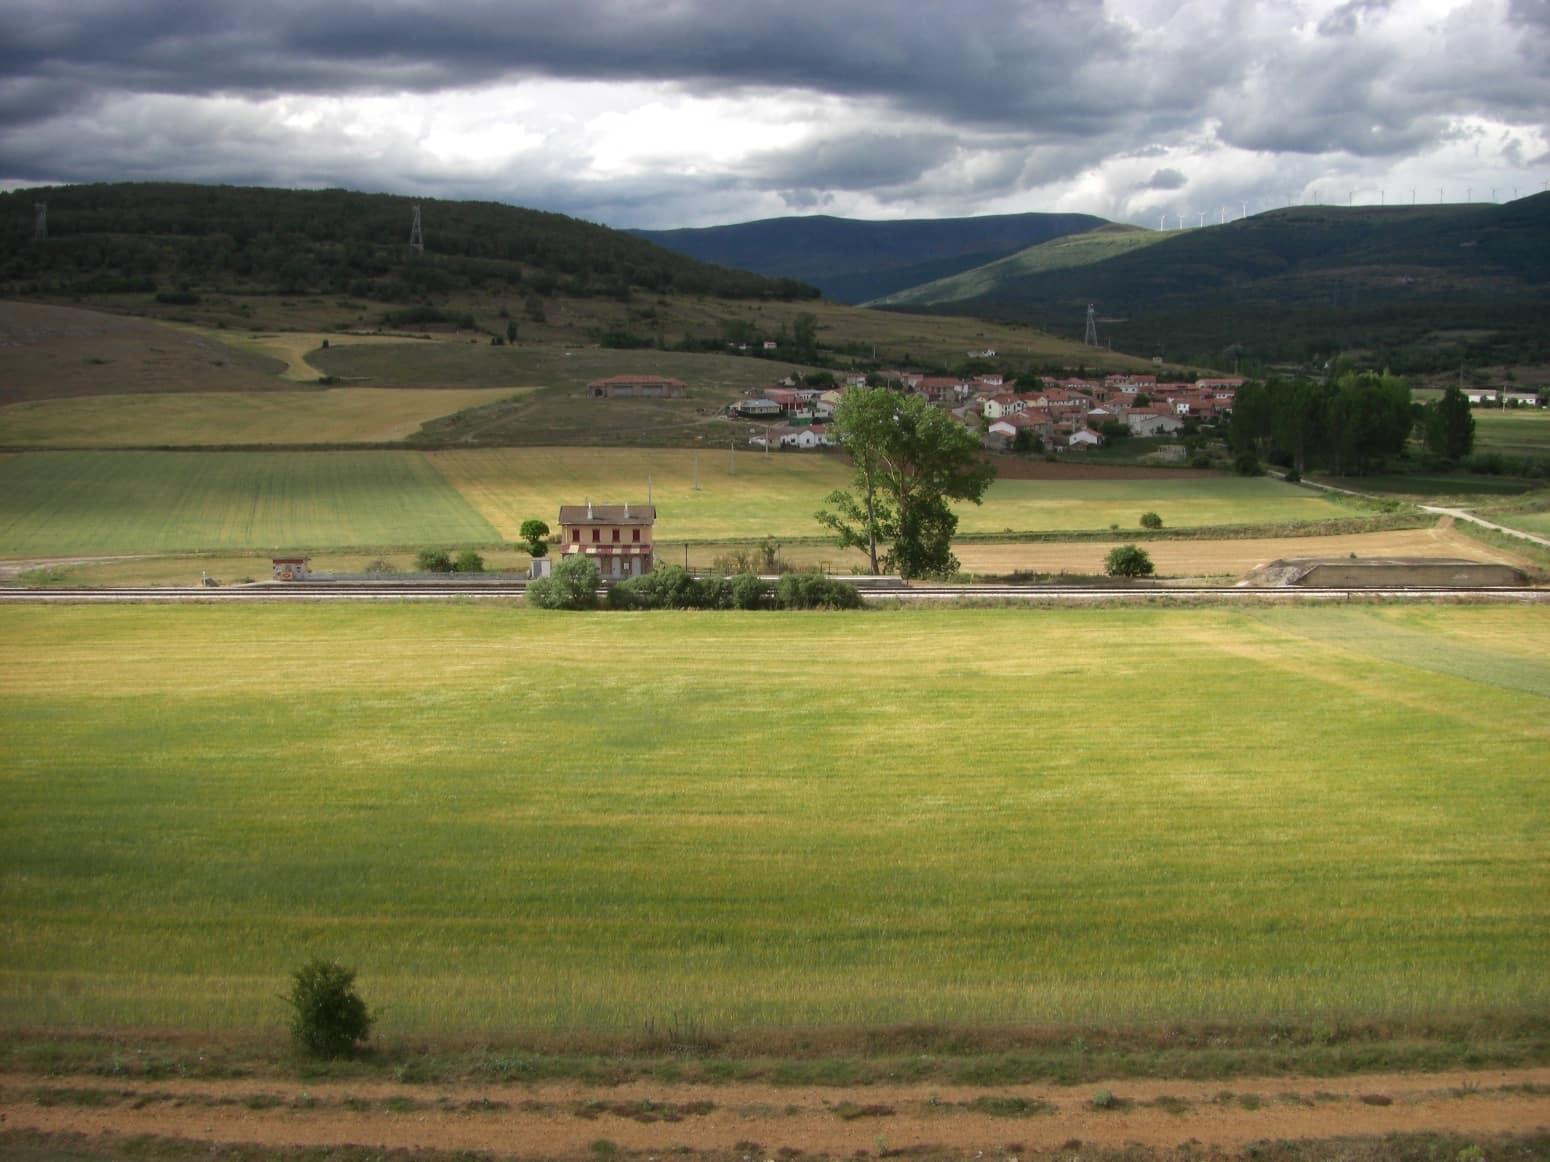 Terrain à Bâtir à vendre à Barruelo de Santullan - 13 000 € (Ref: 4852699)